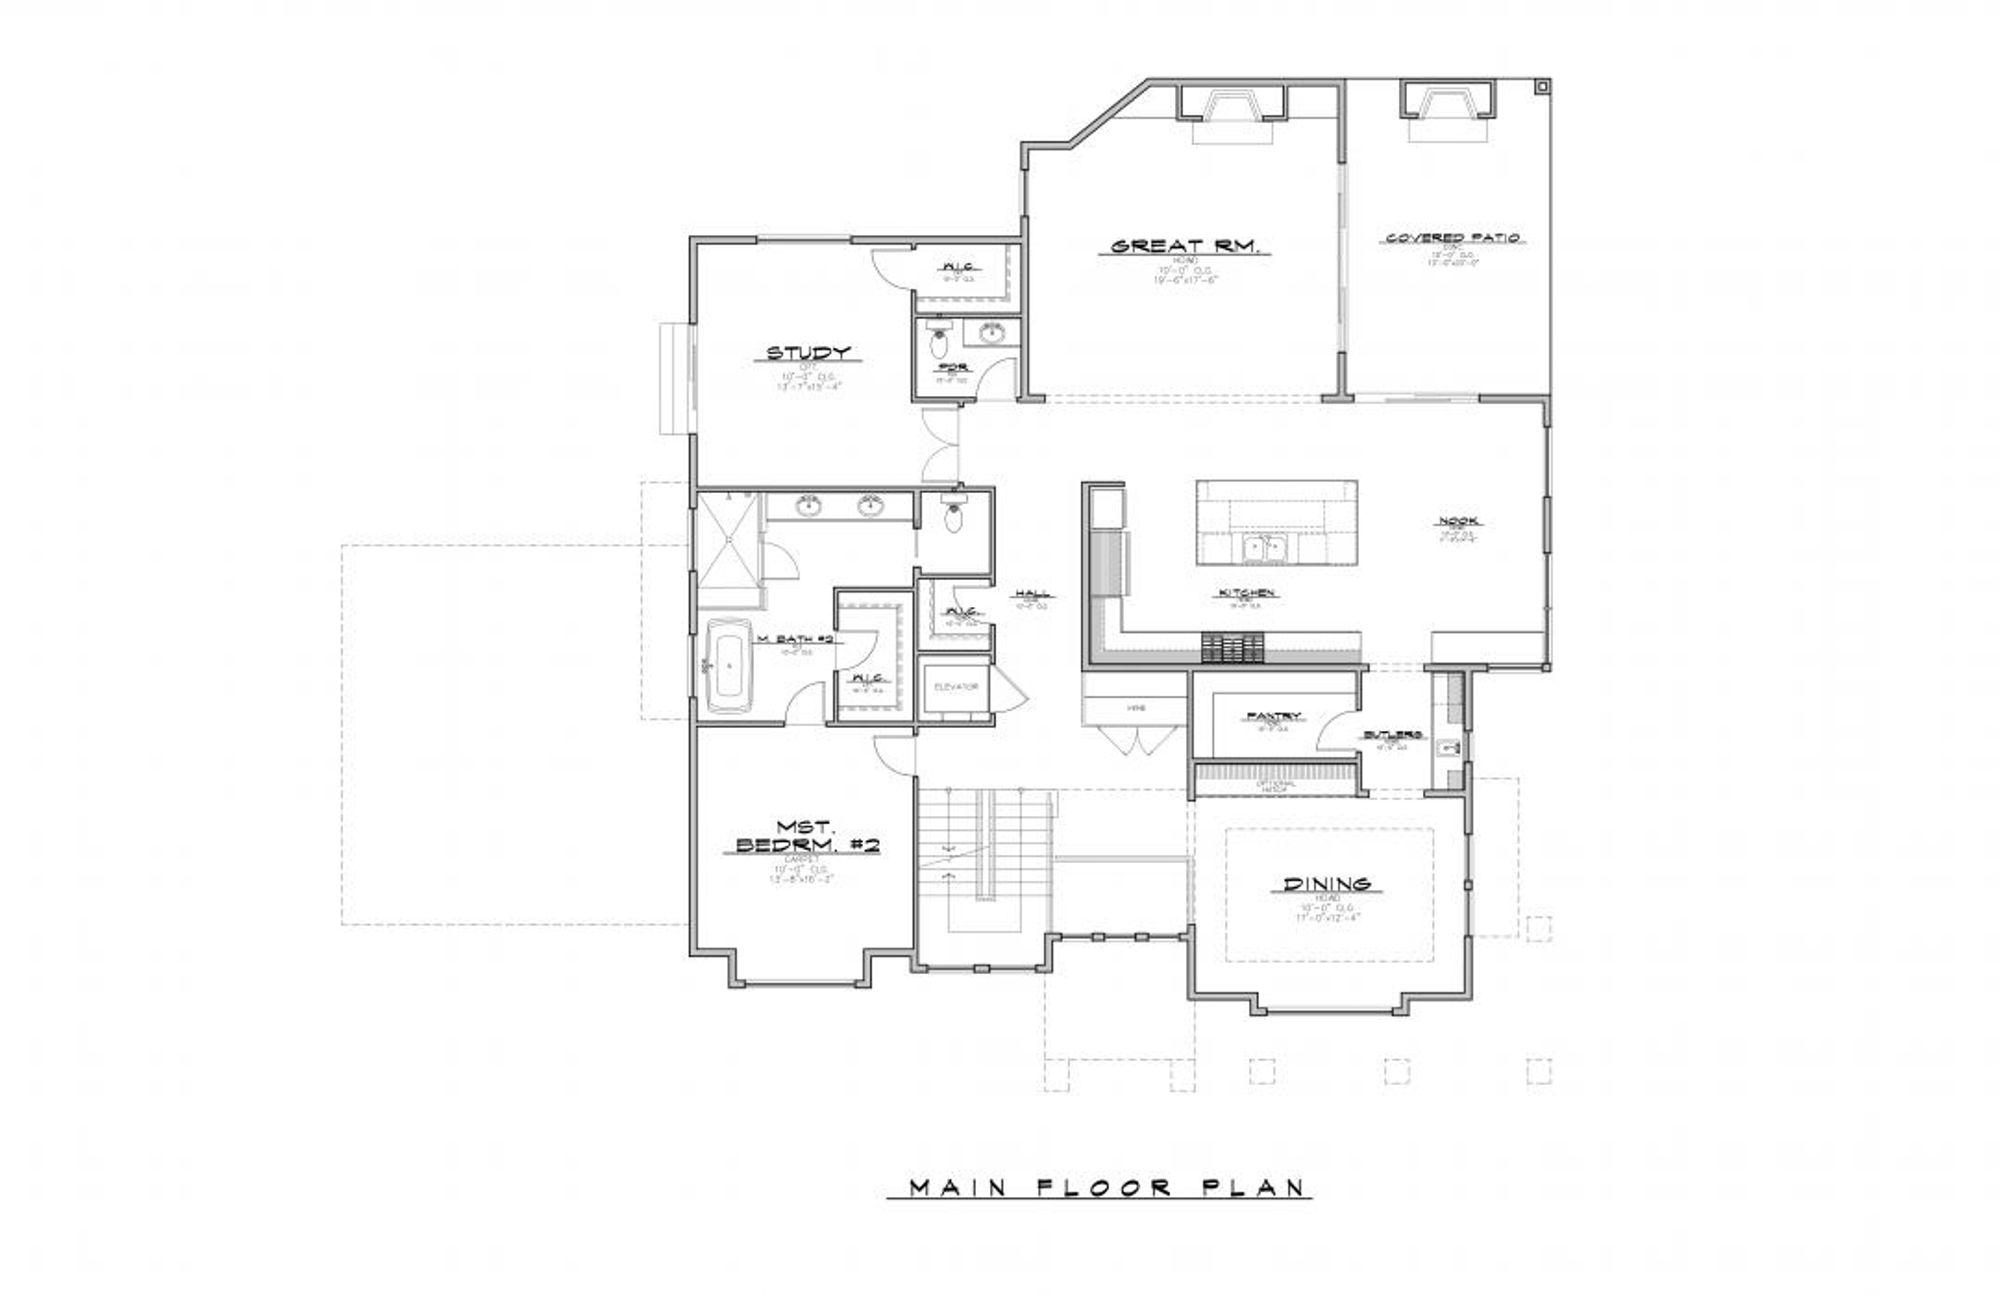 Cambridge Main Floor Plan